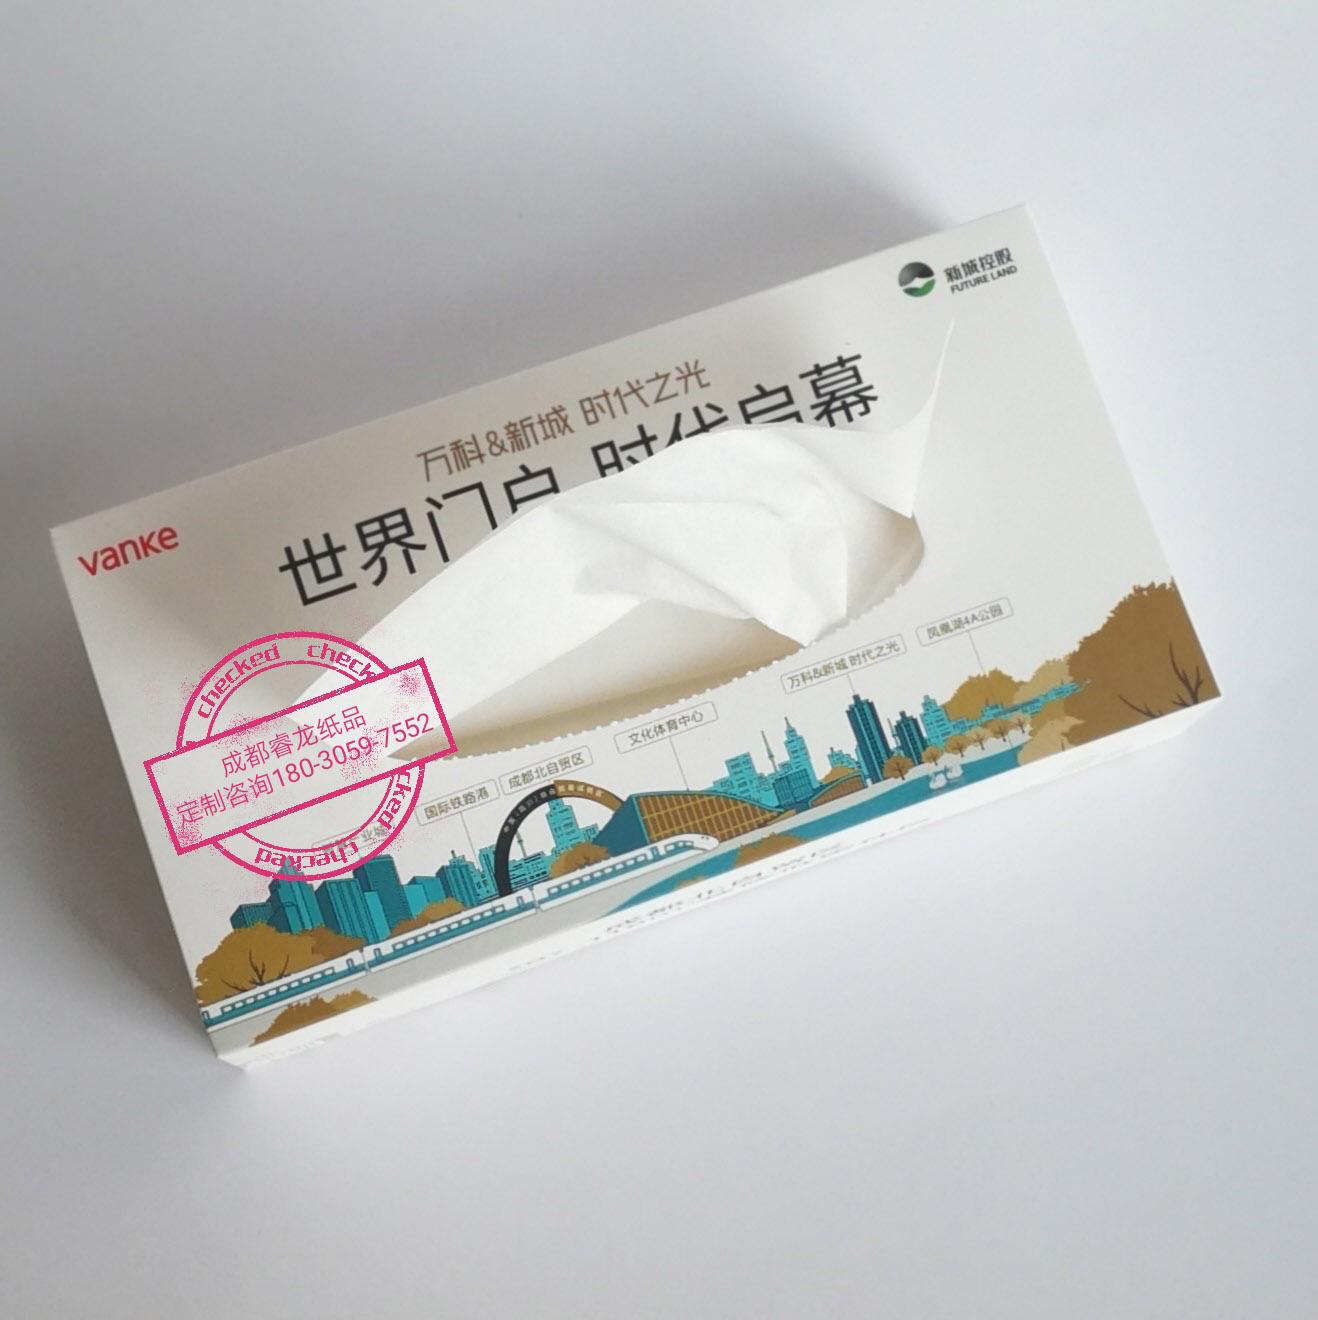 成都萬科房產禮品盒抽紙巾♜地產項目禮品盒抽紙定製☛成都睿龍